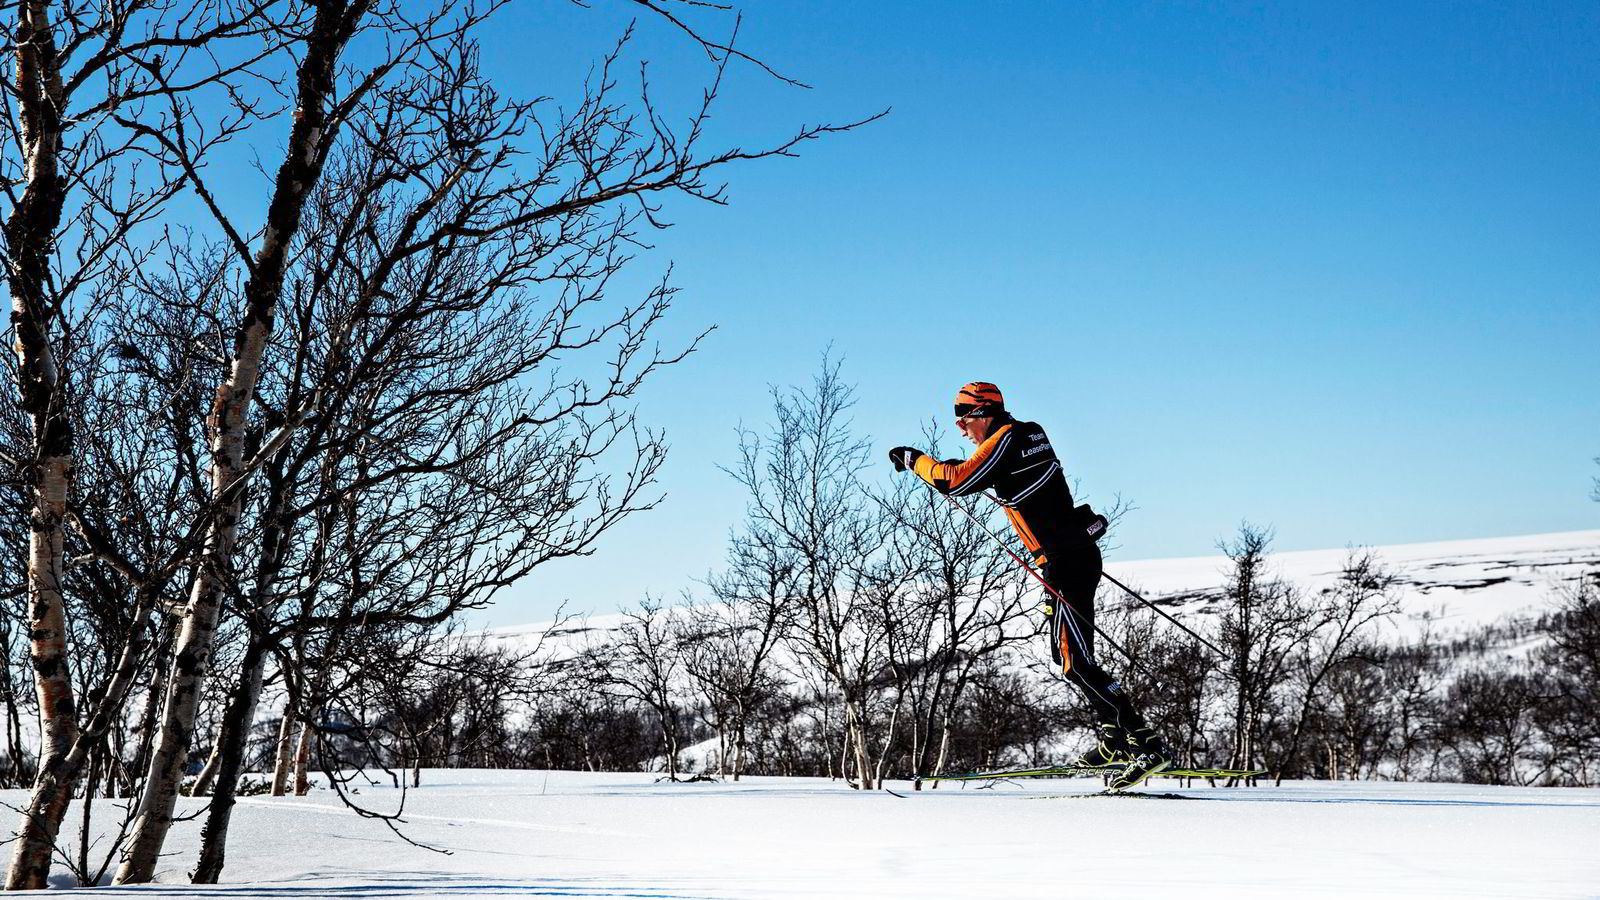 f69acc81 Langdistanseskiløper Petter Eliassen har perfekte forhold for sporten sin i  Alta. Her trener stakeeksperten gjerne